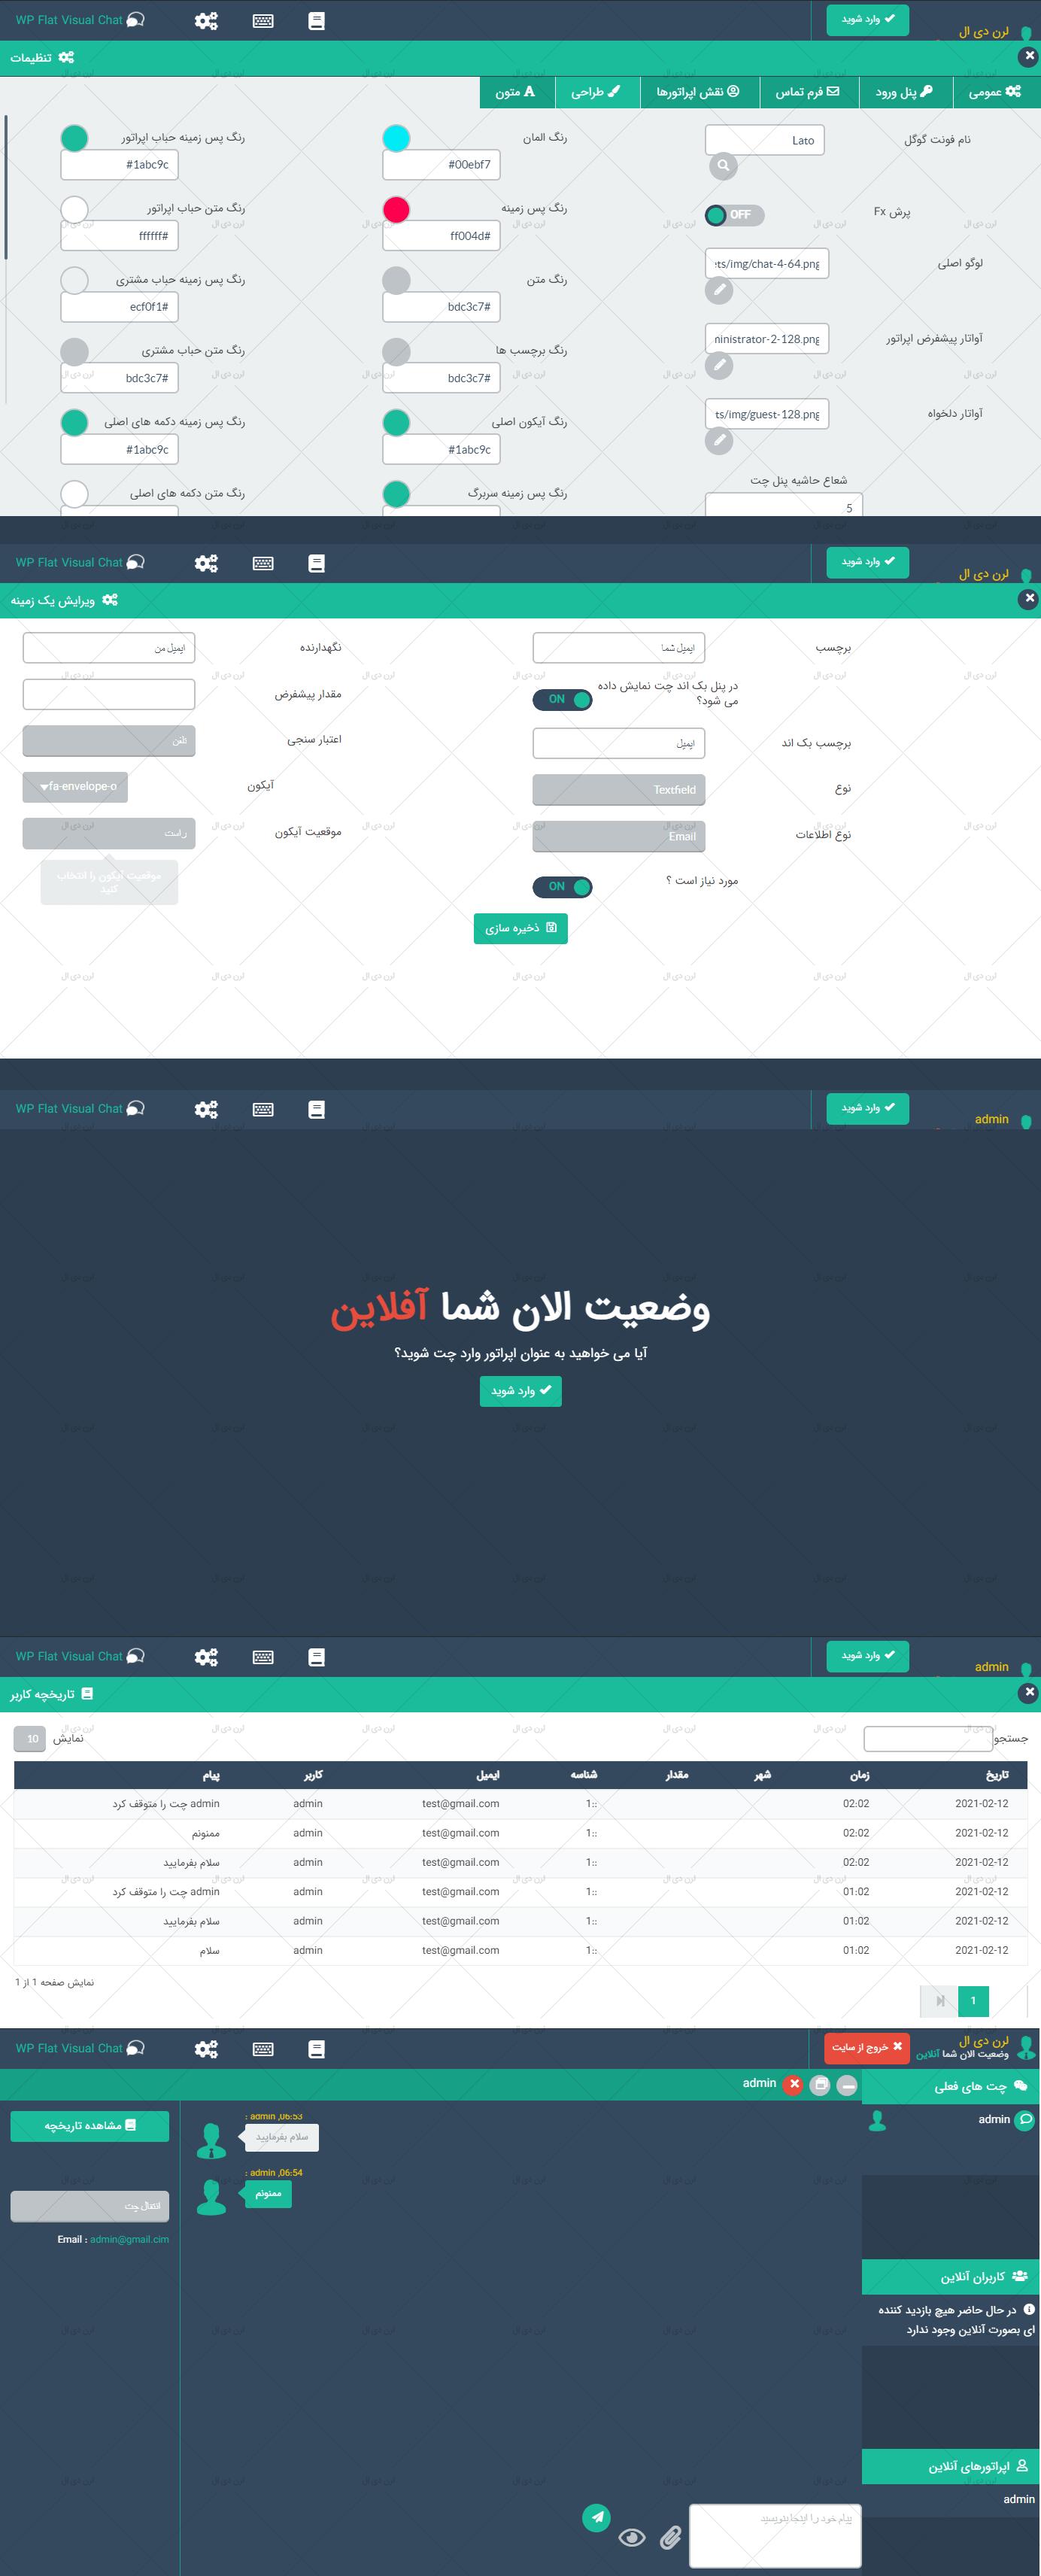 افزونه وردپرس فارسی WP Flat Visual Chat